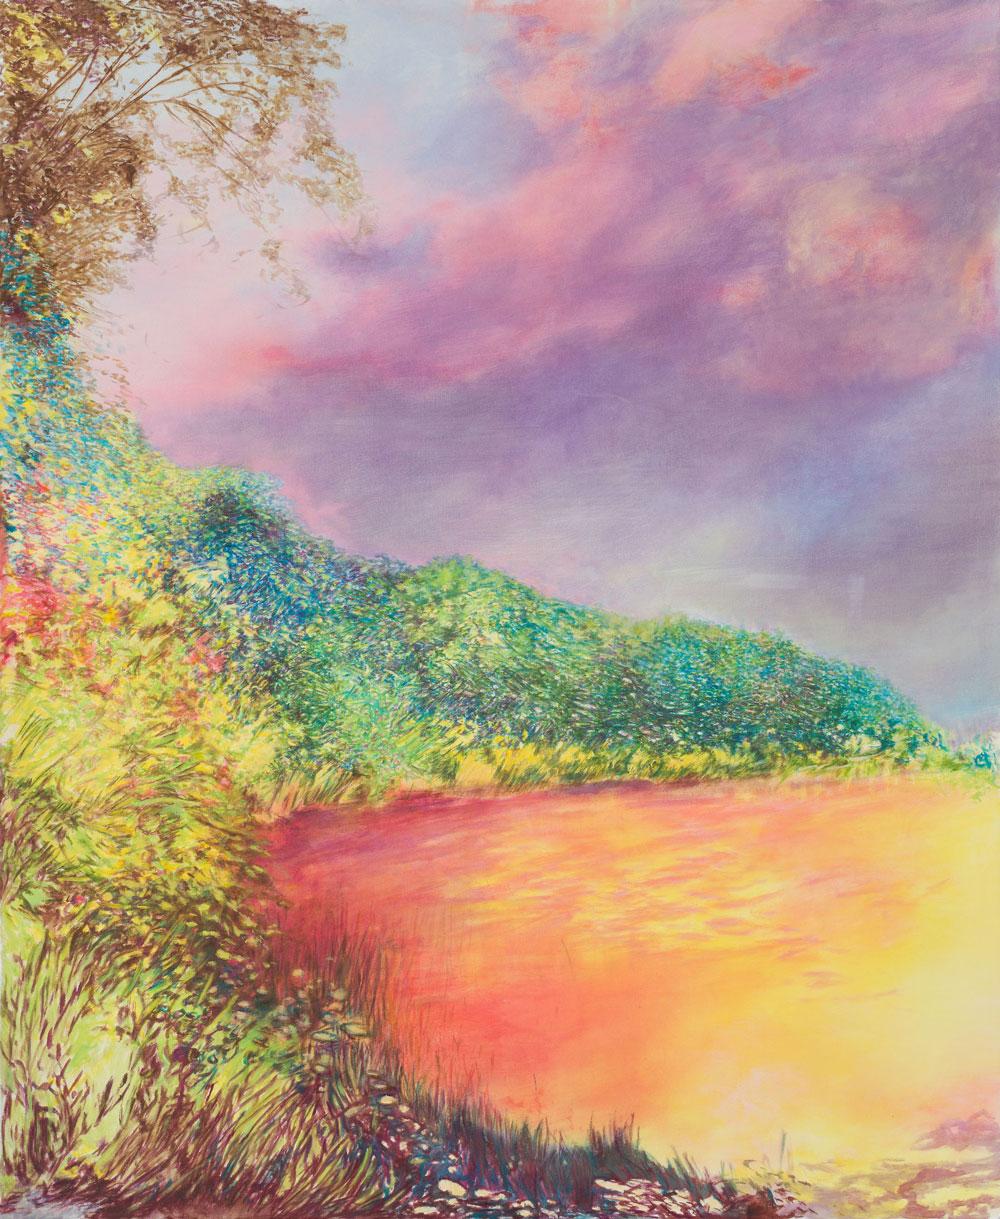 ein blutrot leuchtender See umgeben von wild wuchernder Vegetation, die Farbigkeit irreell und wie vor oder nach dem Knall